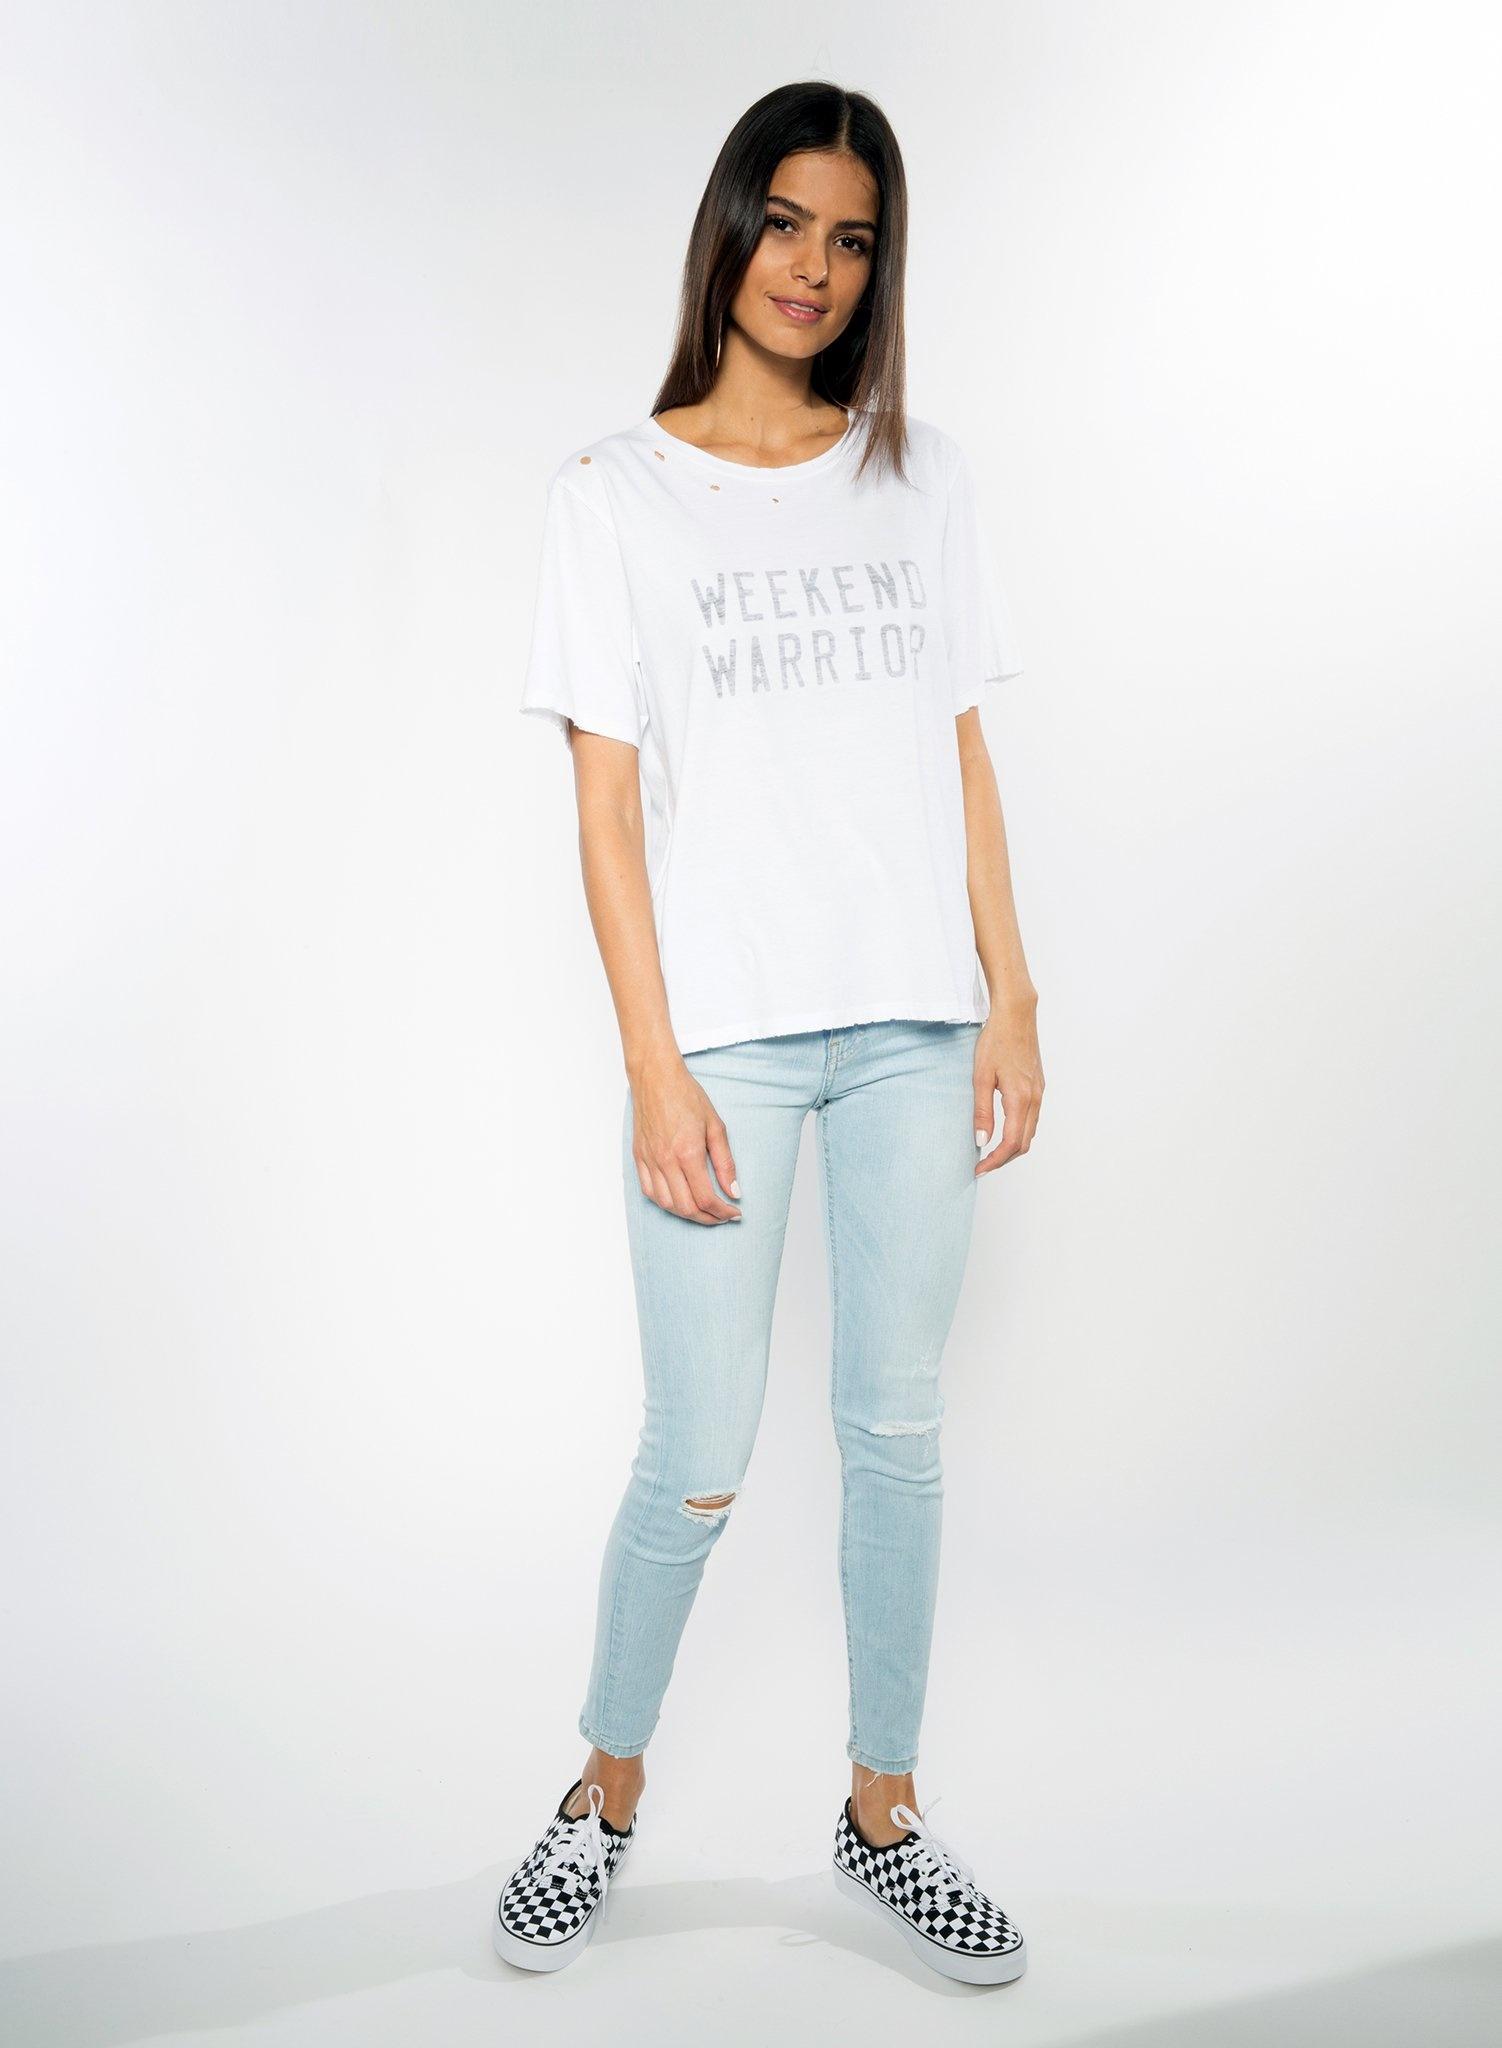 CHRLDR WEEKEND WARRIOR — Wide T-Shirt